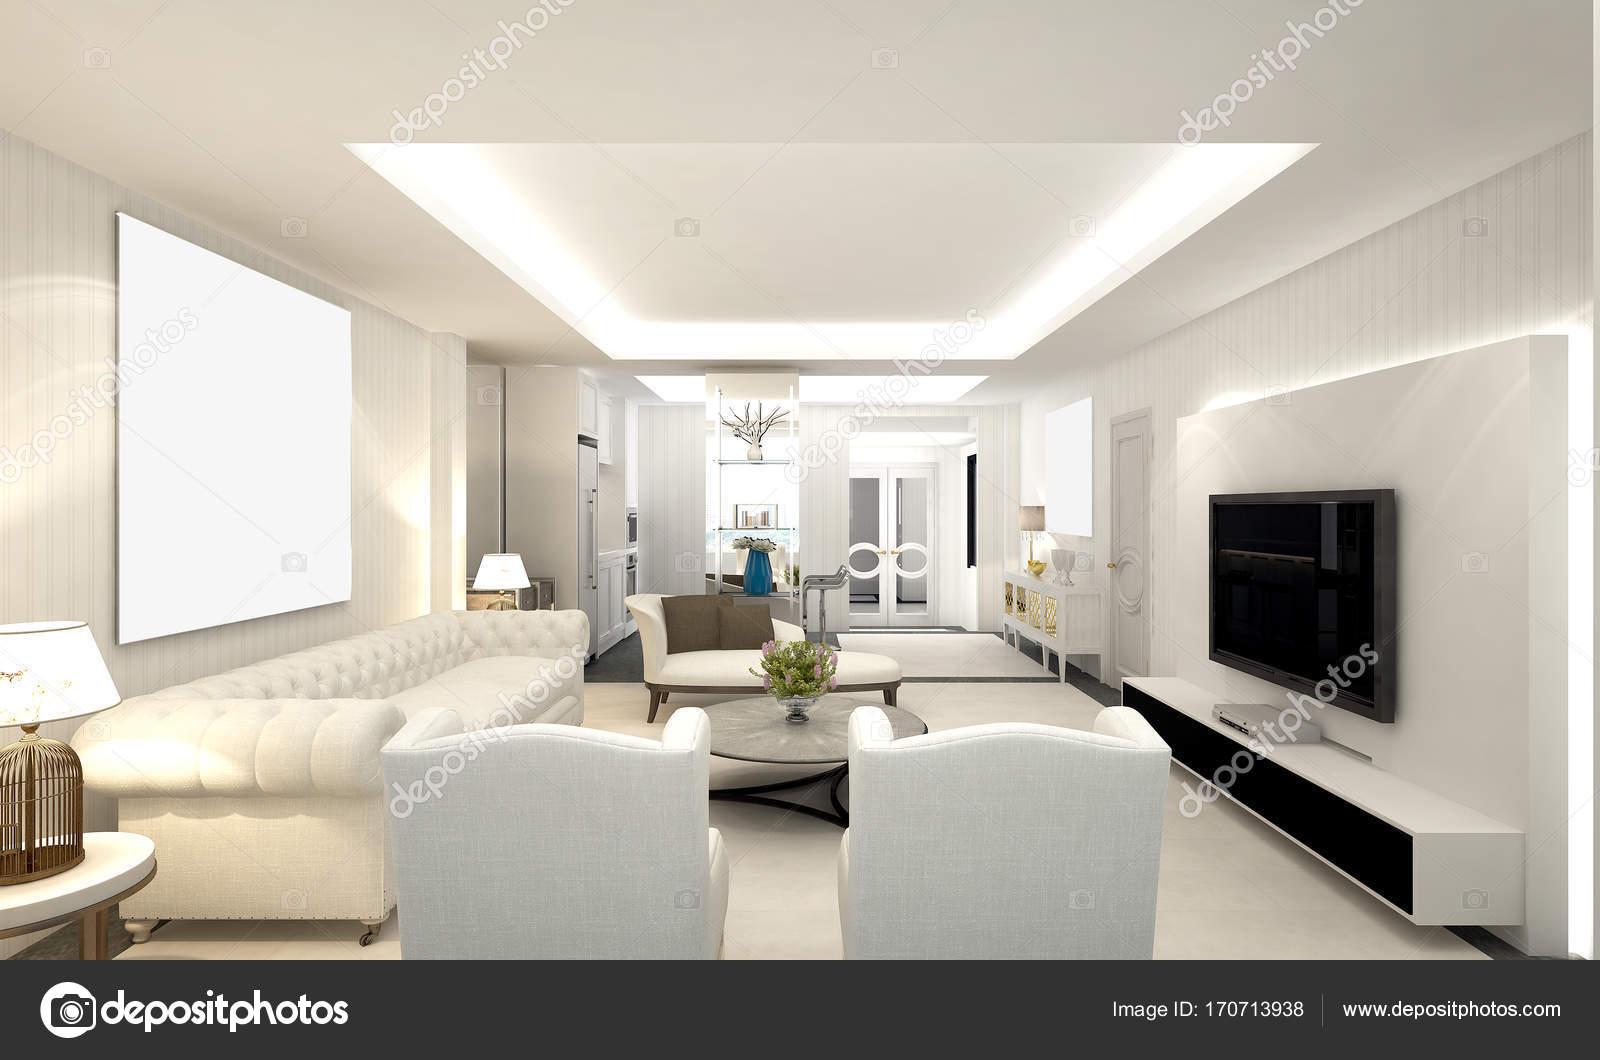 Il soggiorno di lusso e interior design di muro bianco modello foto stock teeraphan 170713938 - Soggiorni di lusso ...